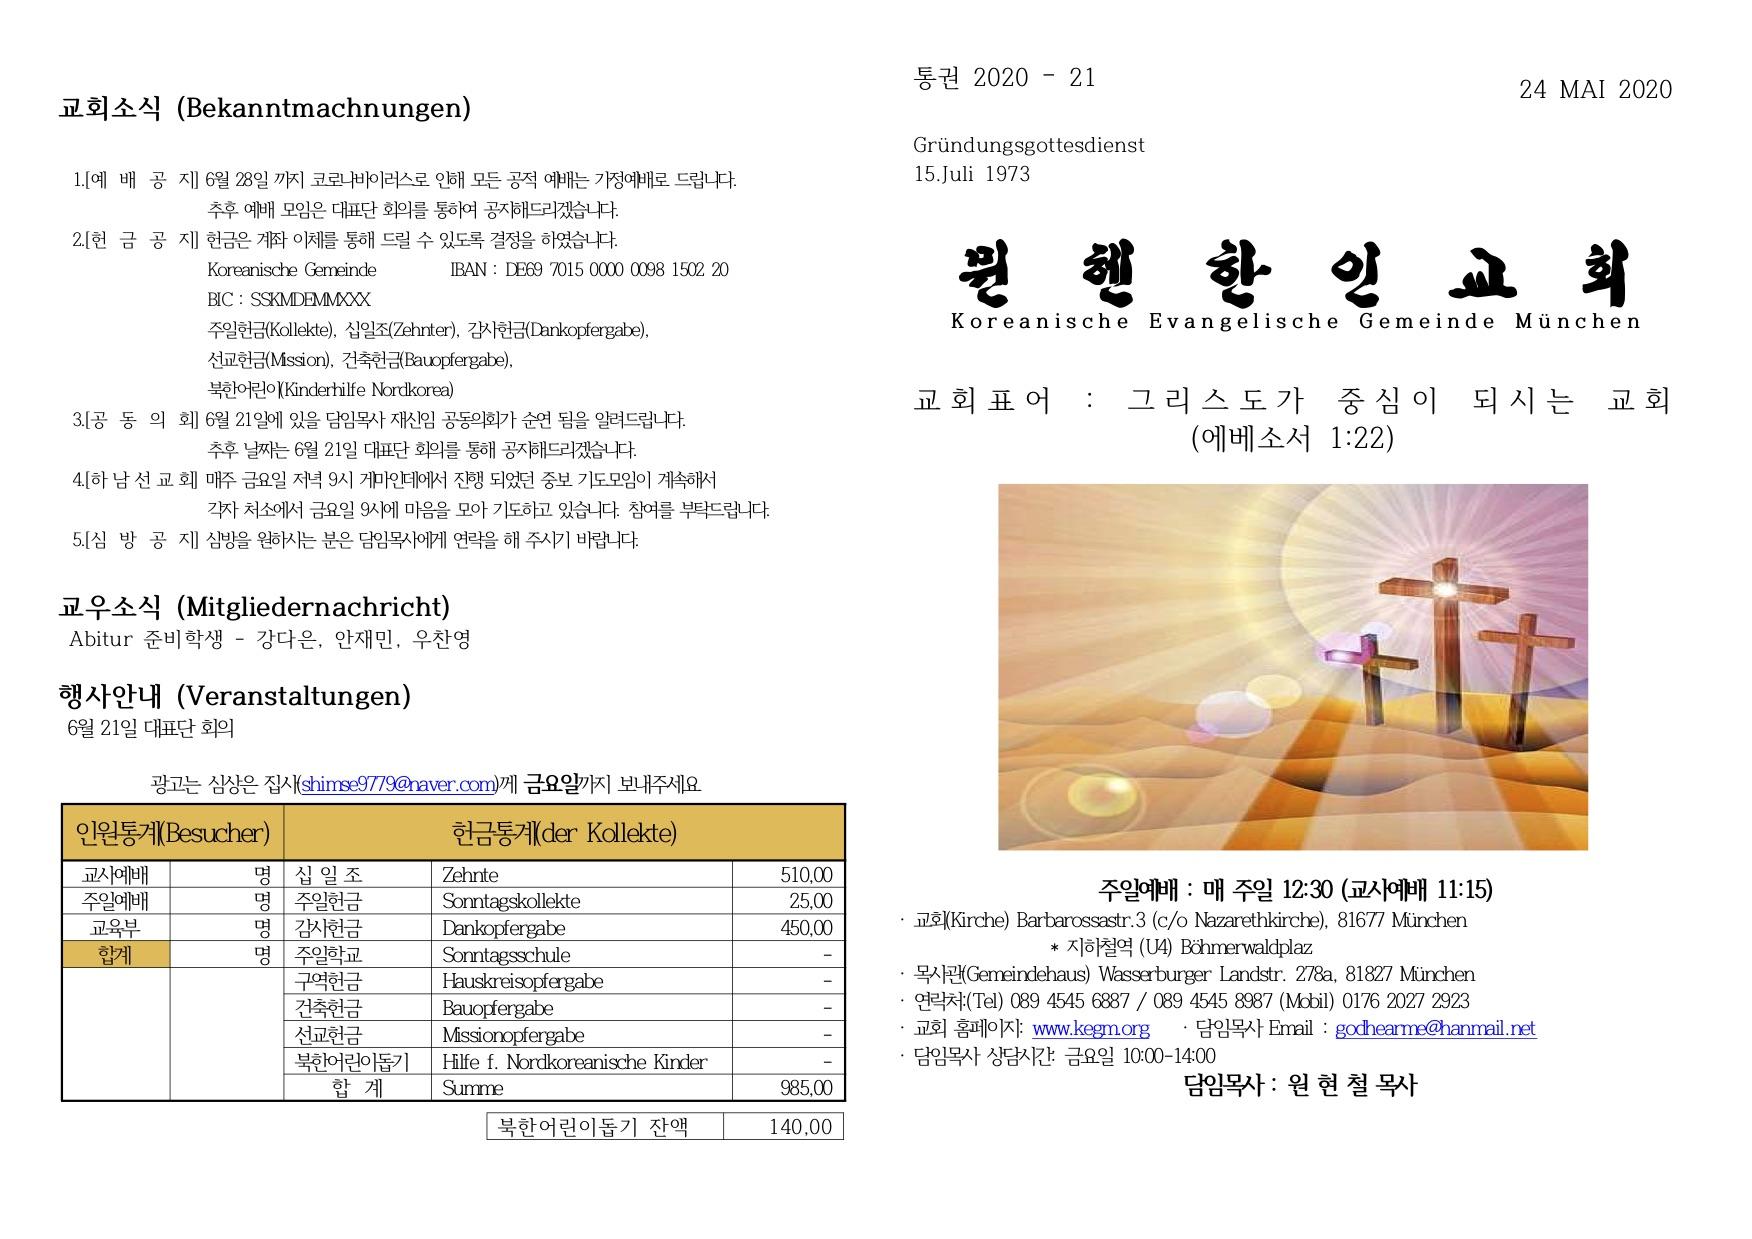 20200524_bulletin_1.jpg